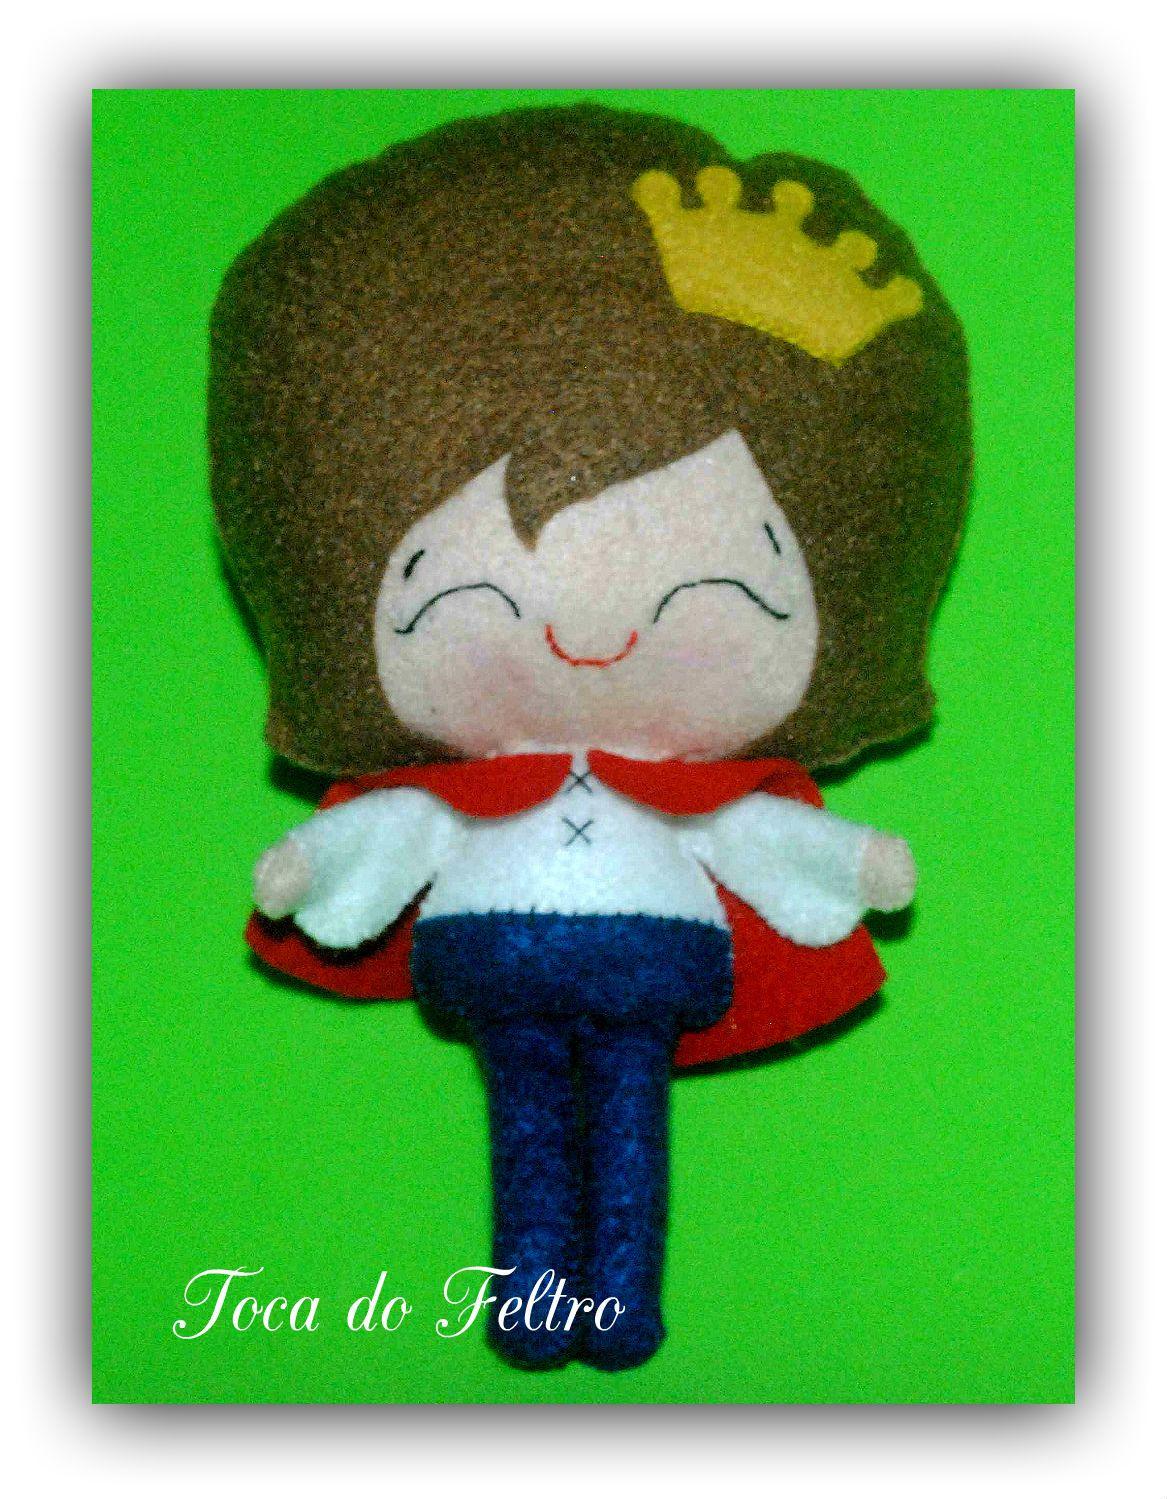 Príncipe, feltro, boneco